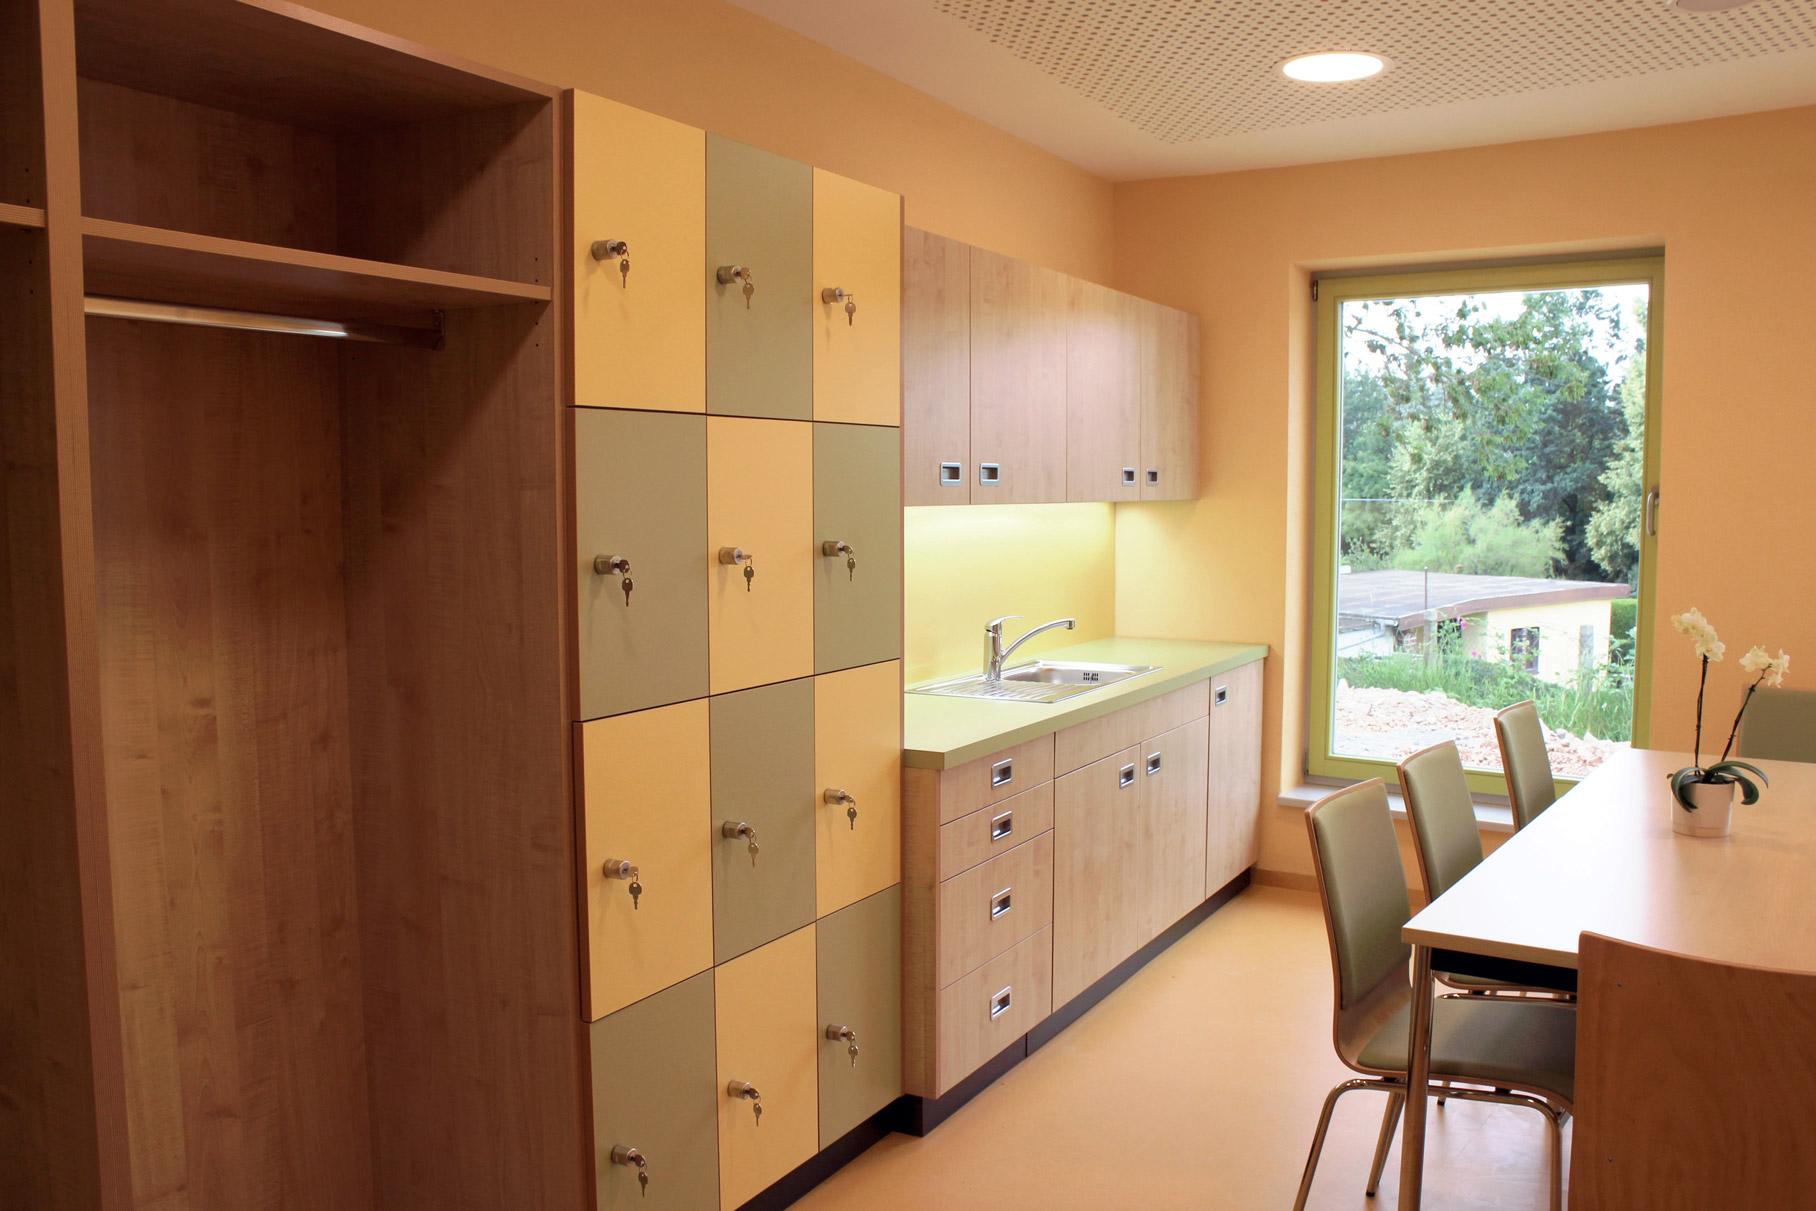 Foto Einrichtung Personalraum - Tischlerarbeit für Kindertagesstätte in Zwickau